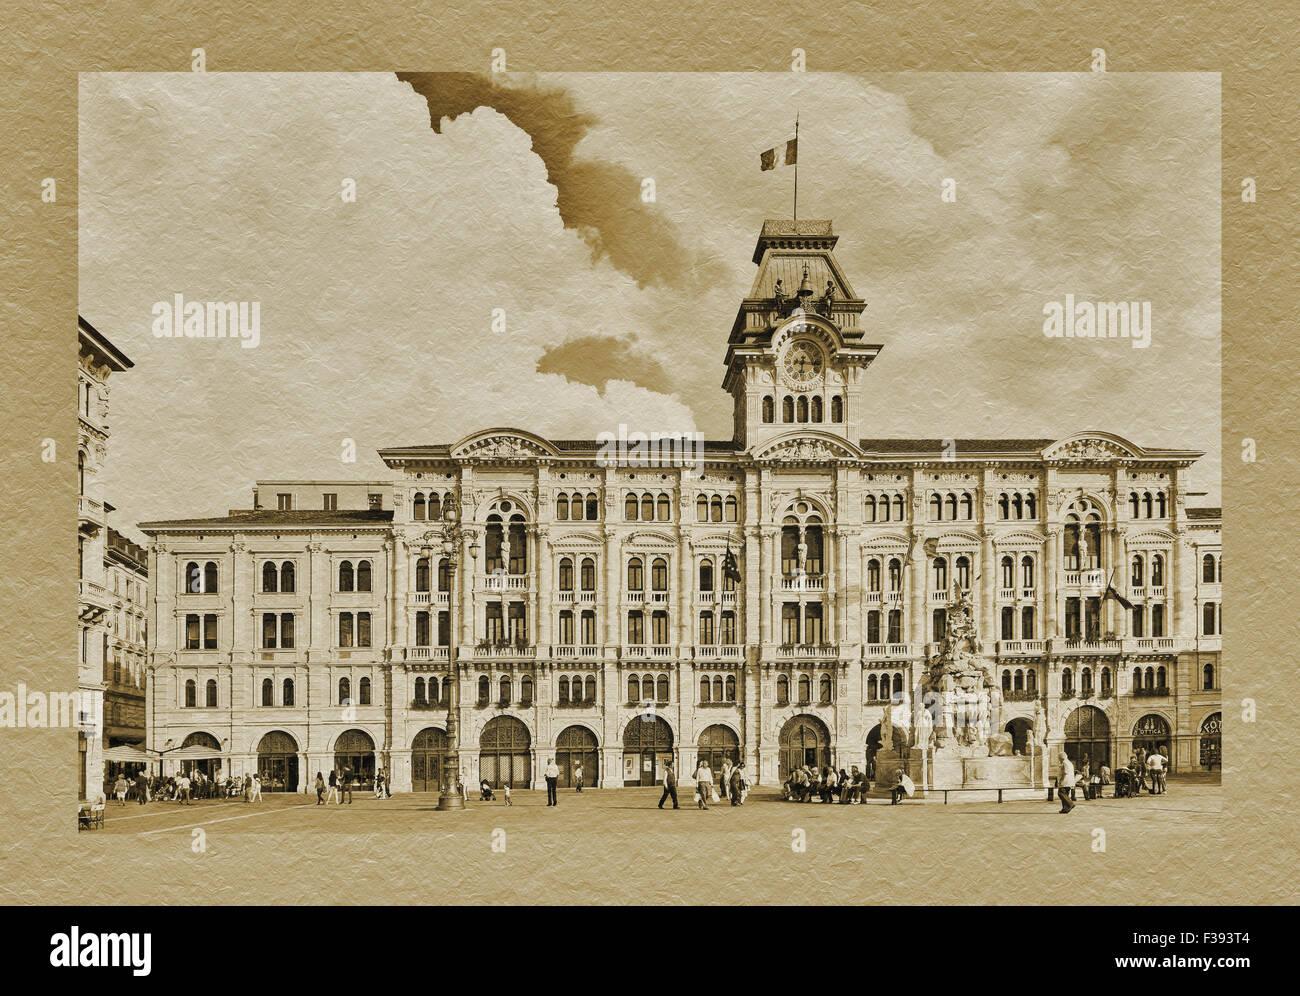 Das Rathaus, der Palazzo del Muniucipio am Piazza Unita d ' Italia, Triest, Friaul-Julisch Venetien, Italien, Stockbild